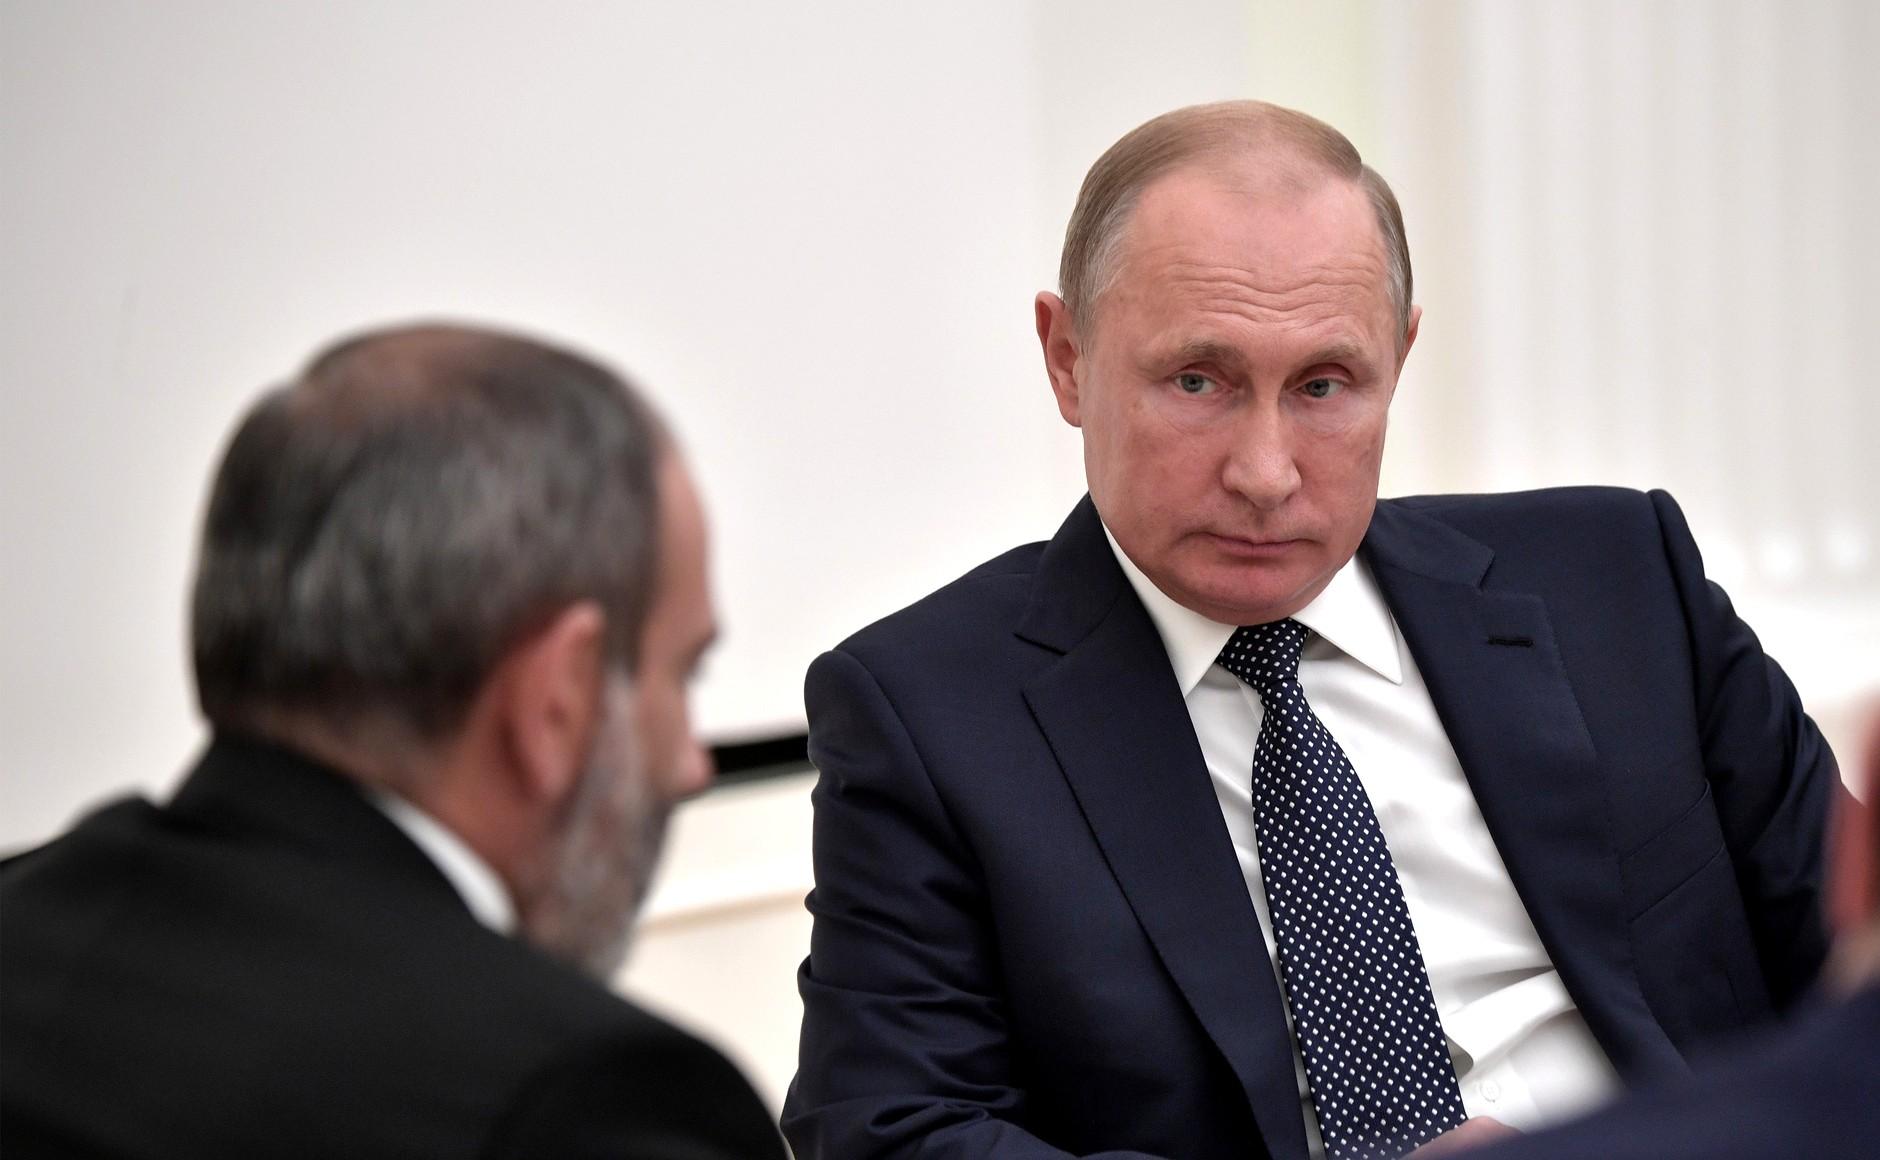 PUTIN NEMA SLUHA ZA ARMENSKE ZAHTJEVE OKO NAGORNO-KARABAHA! Iz Moskve stigao neočekivan odgovor: 'Pomoći ćemo vam samo ako se sukob prenese na vašu teritoriju'